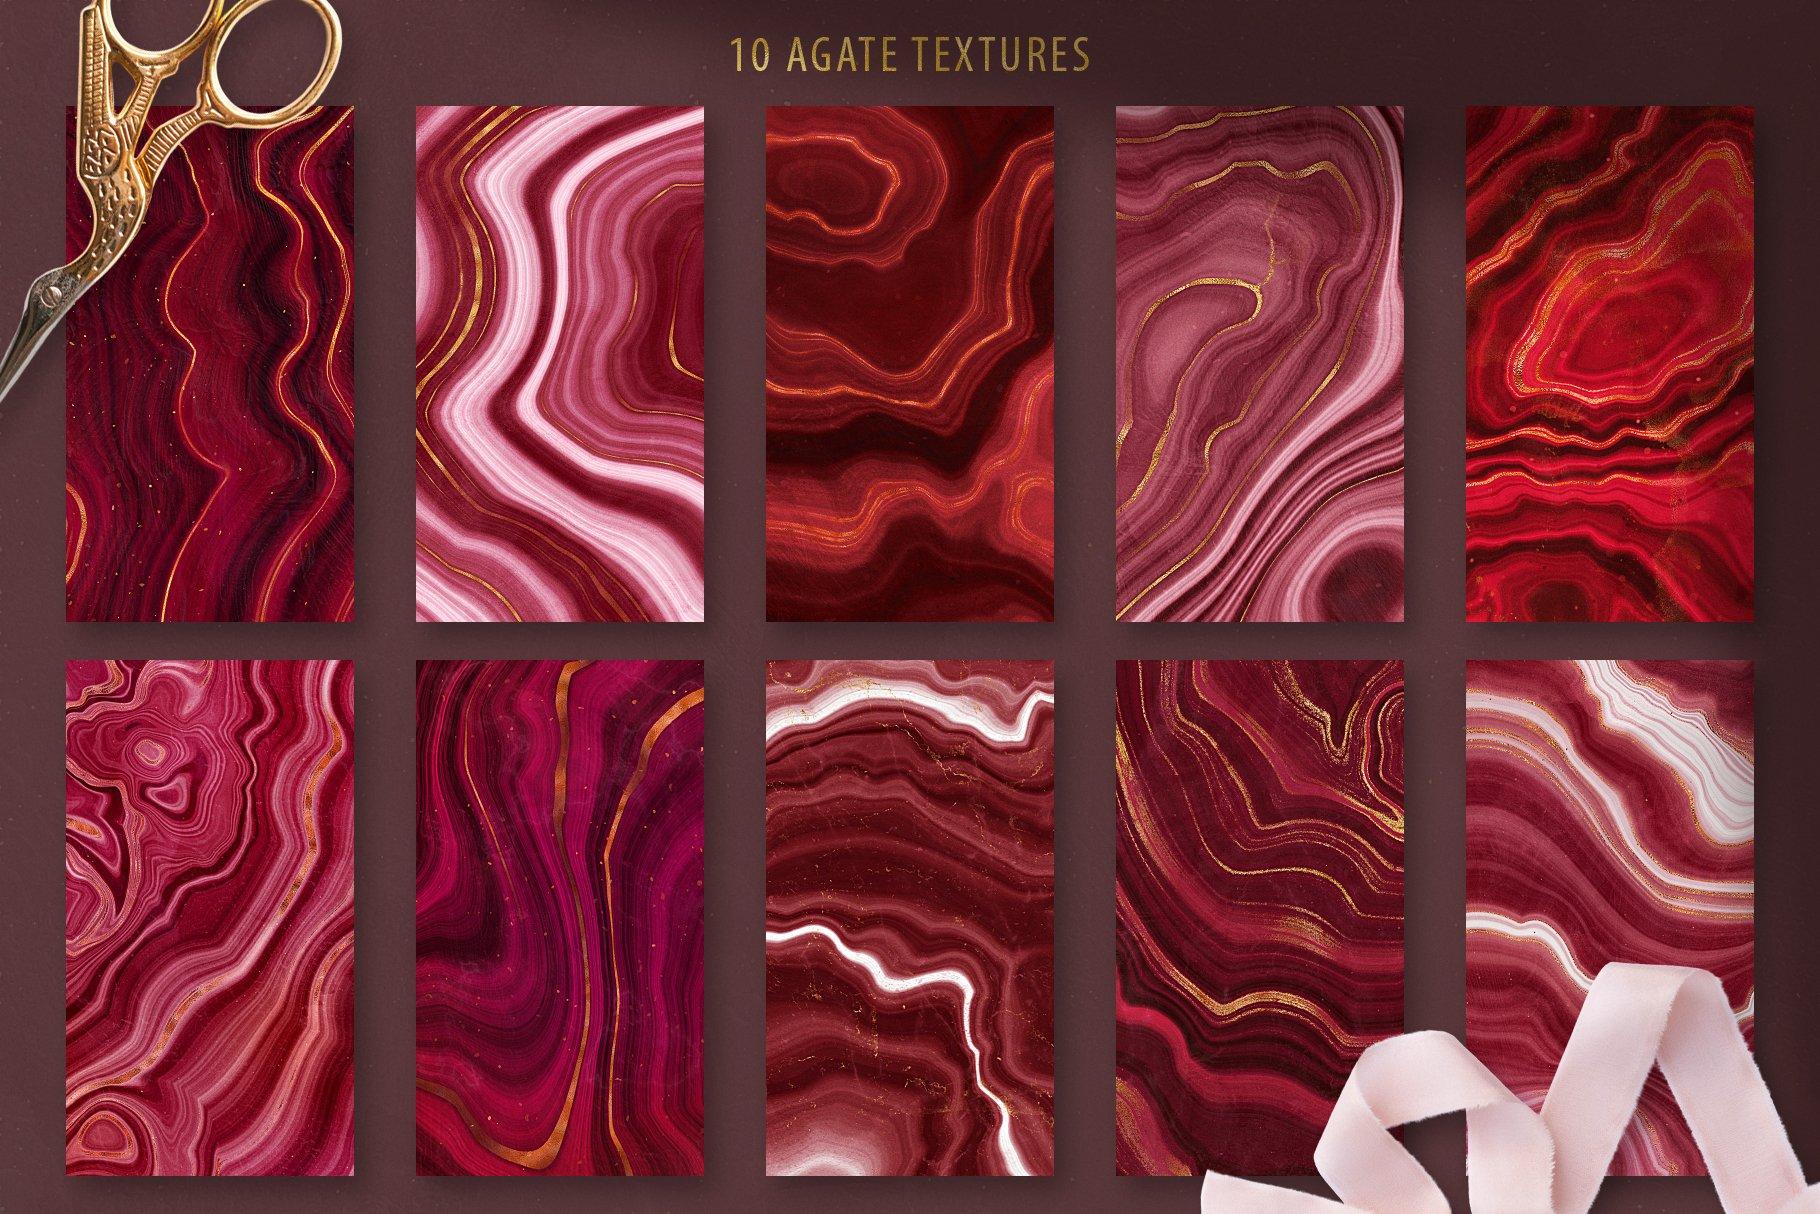 10款抽象奢华红色玛瑙石金箔纸纹理背景图片设计素材 Gold Veined Red Agate Textures插图1